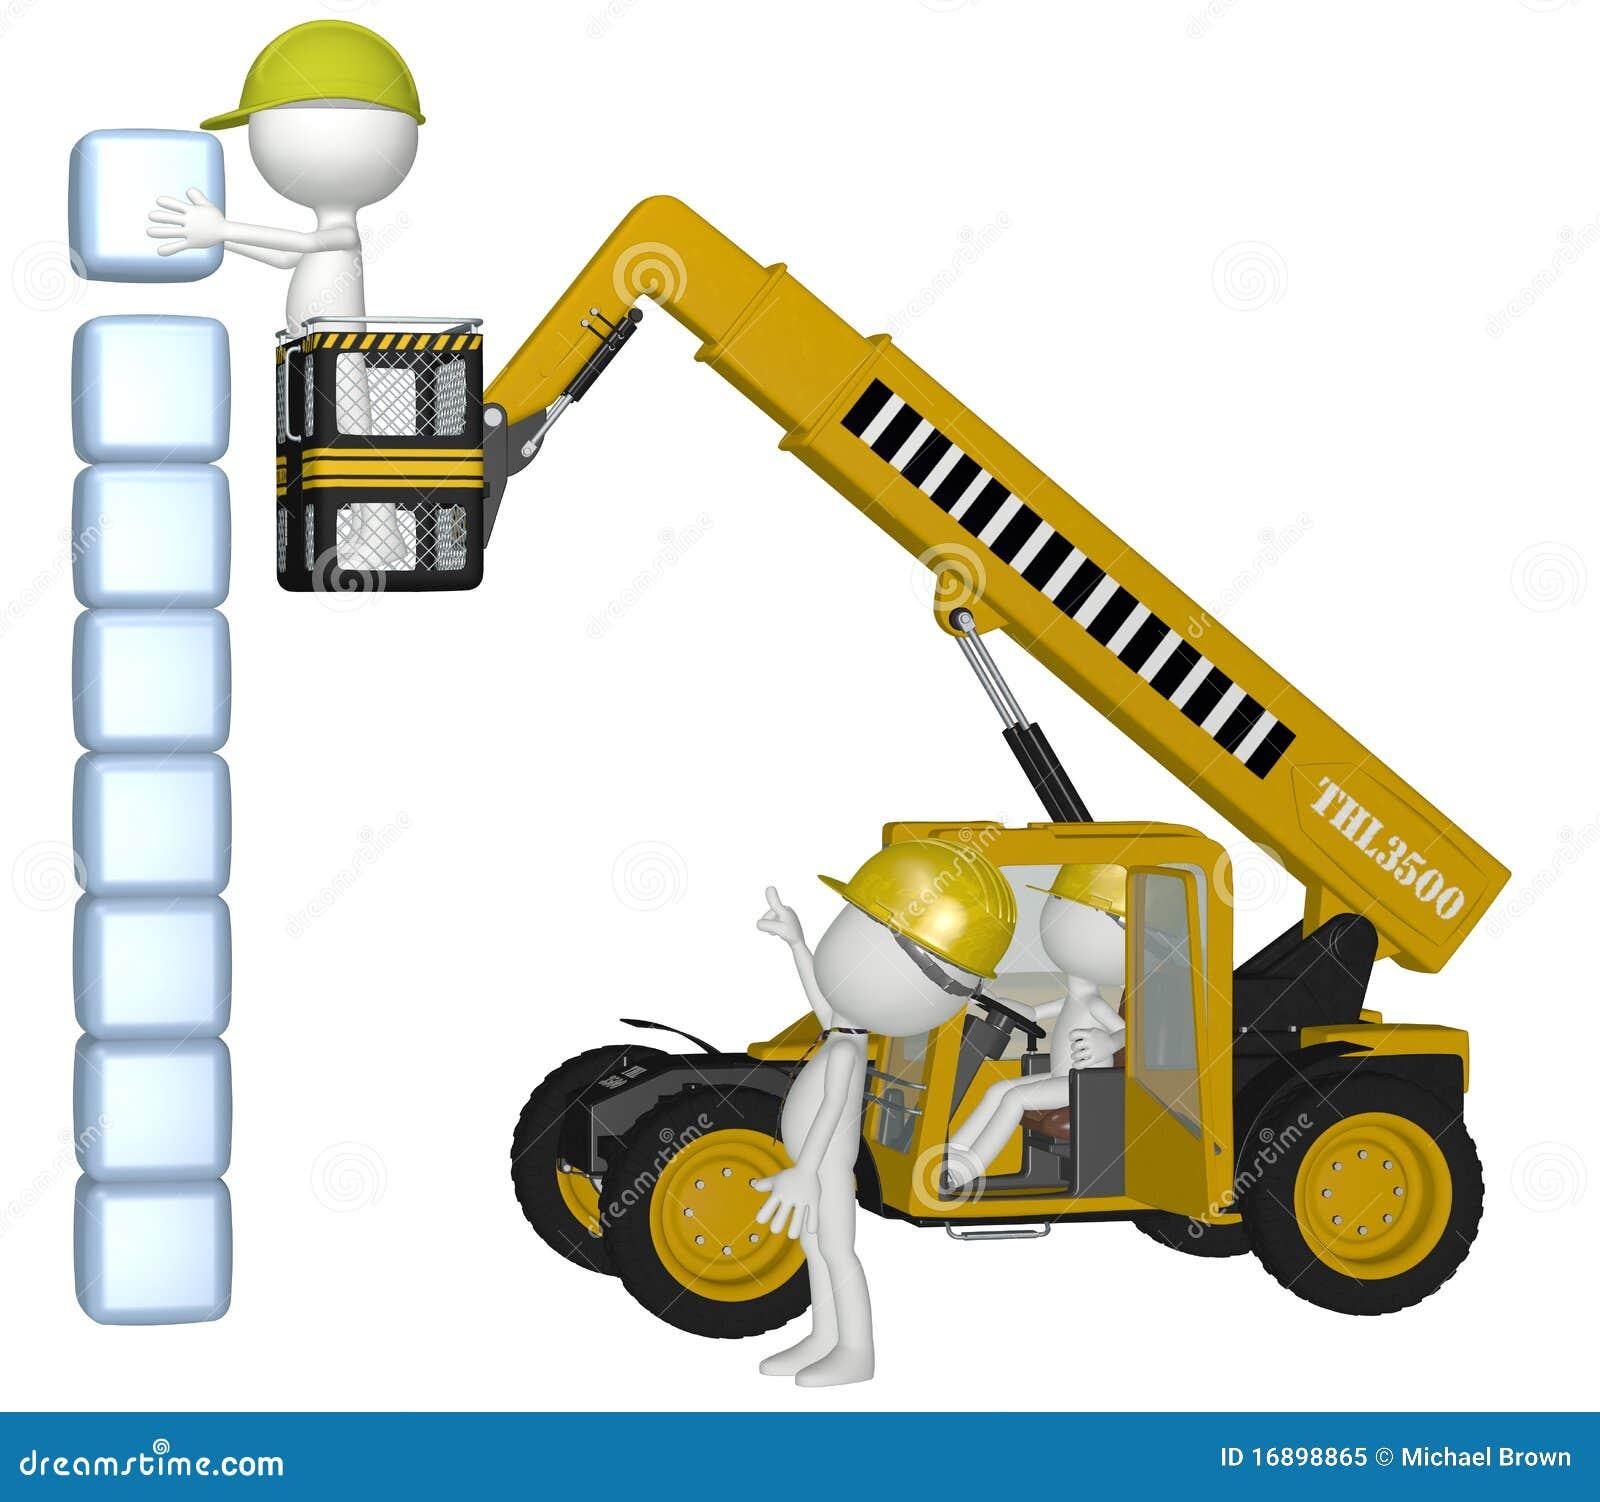 De apparatuur van de bouw mensen die kubussenstapel bouwen